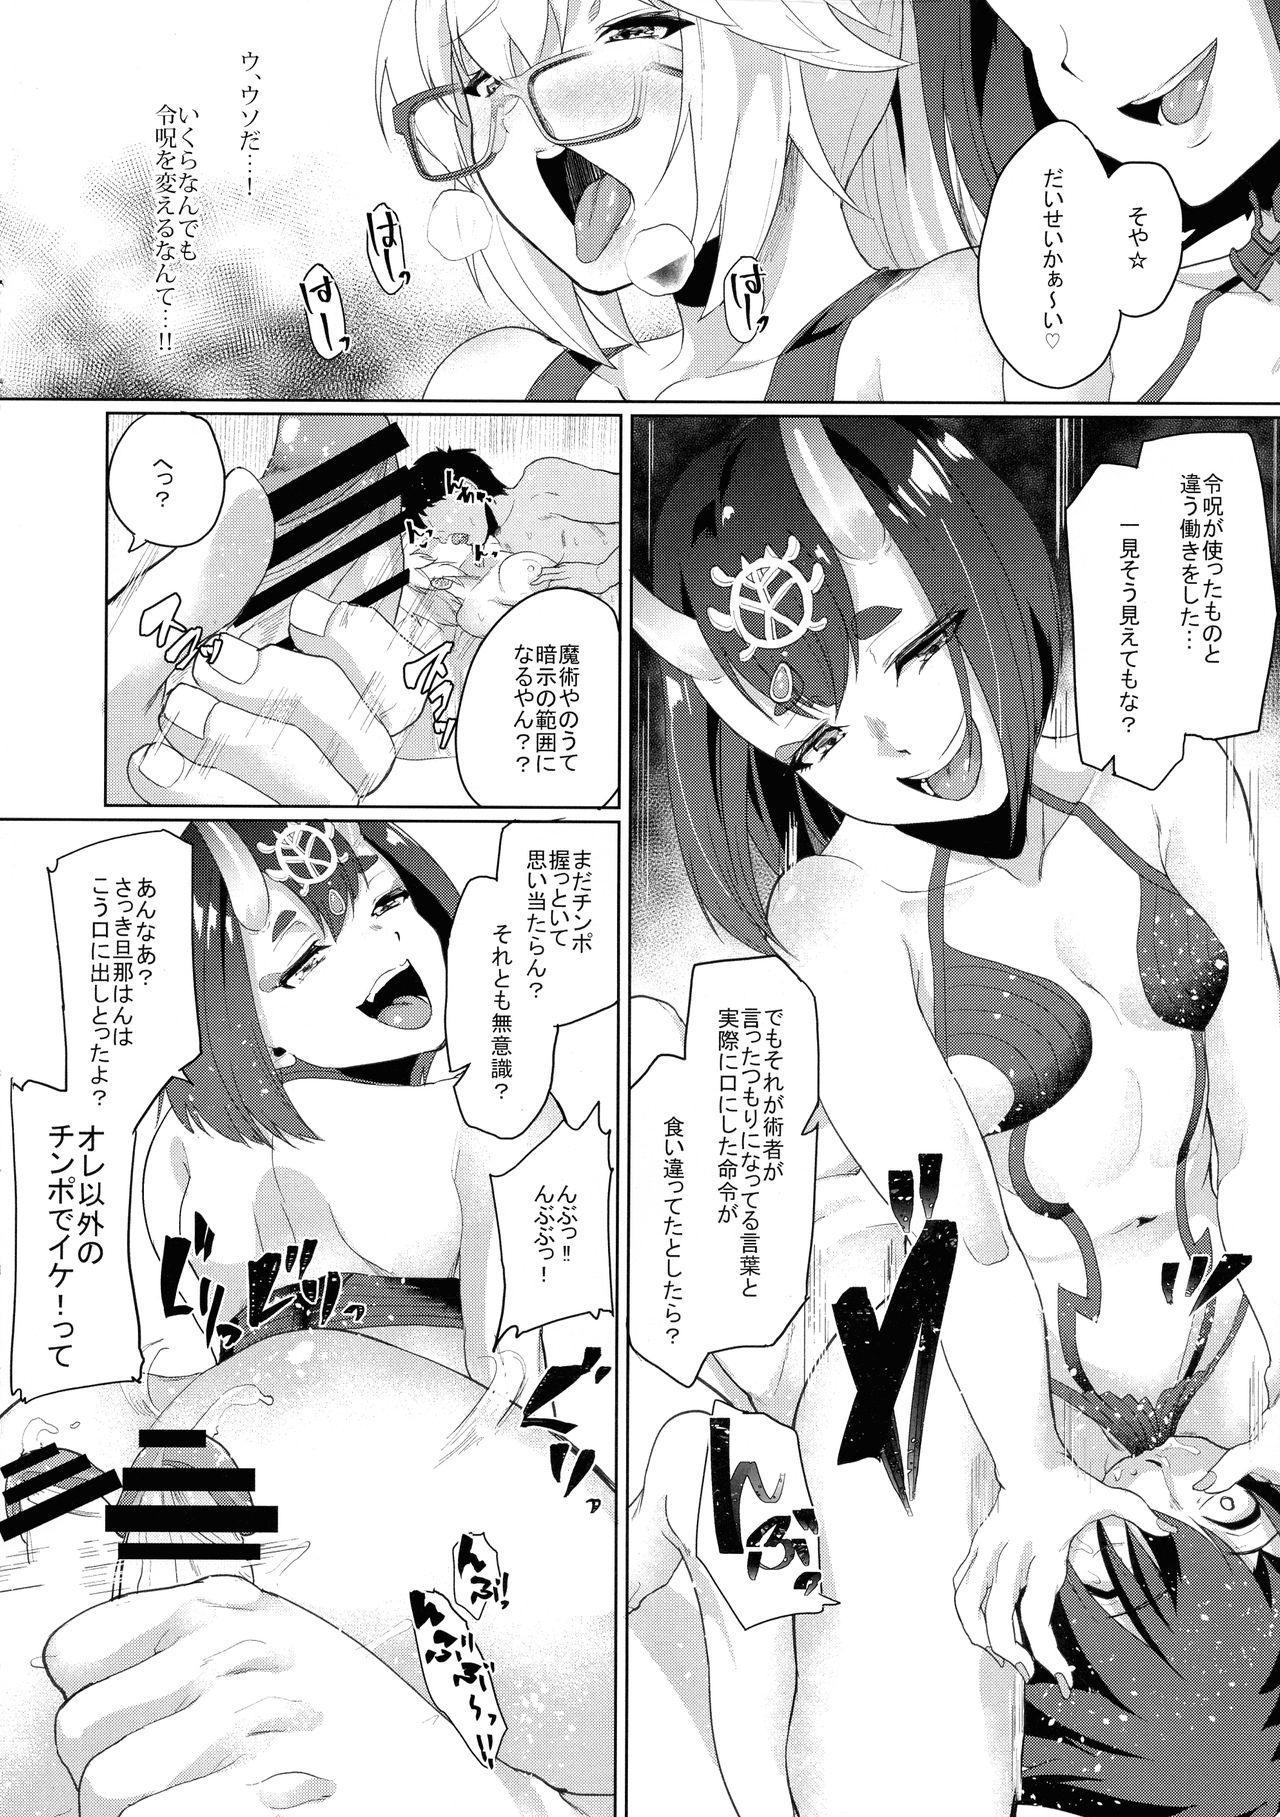 Ore to no Tokiyori Ureshi-sou ni Suru na yo 25